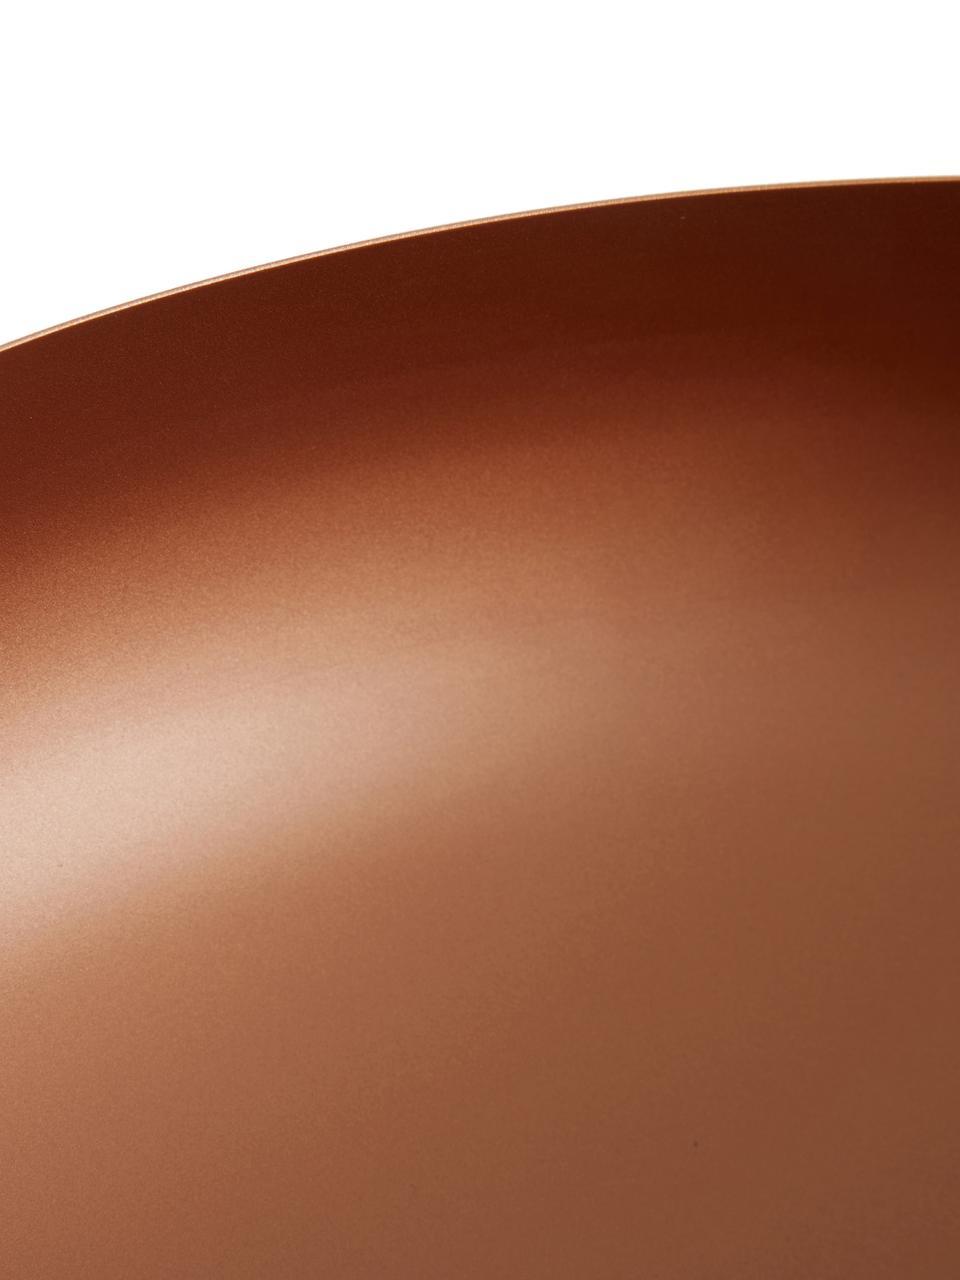 Plafondlamp Jeff, Baldakijn: gepoedercoat metaal, Lampenkap: gepoedercoat metaal, Baldakijn: zwart, koperkleurig, Ø 40 x H 17 cm